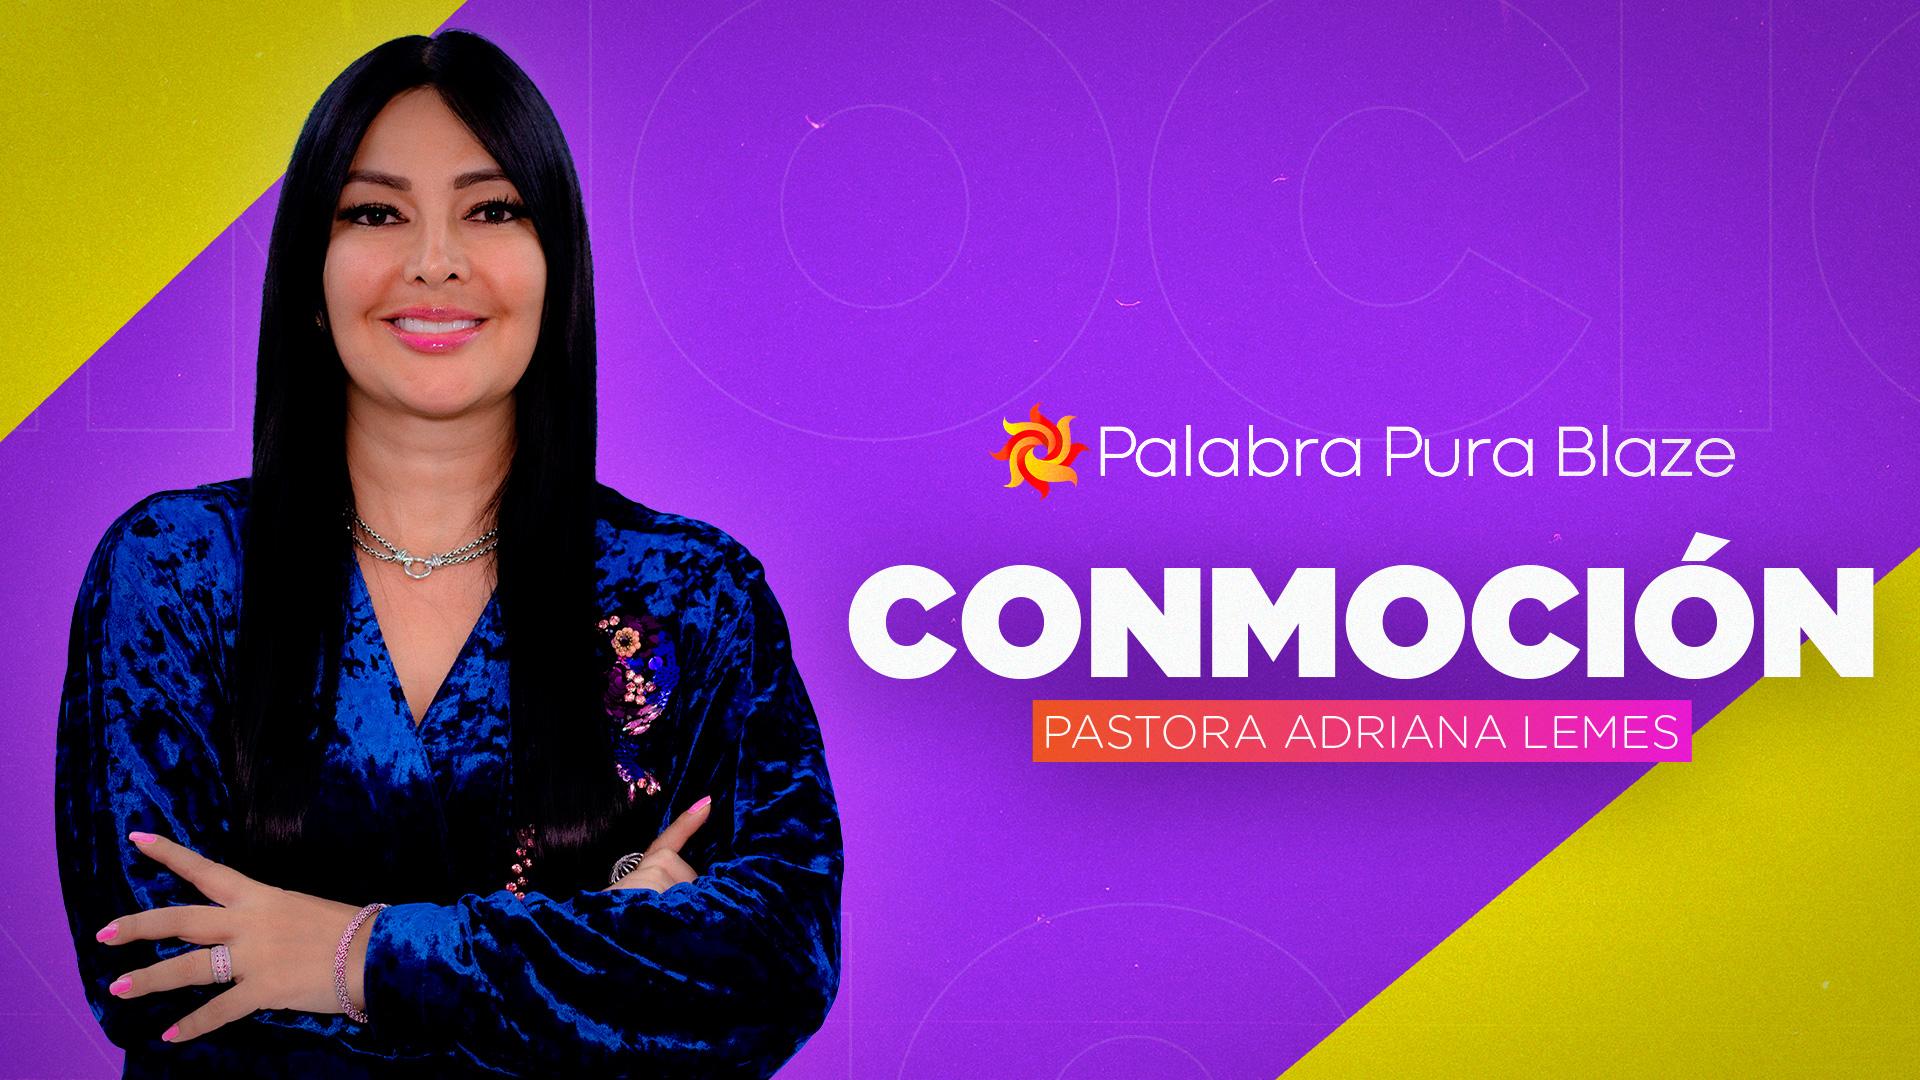 CONMOCIÓN